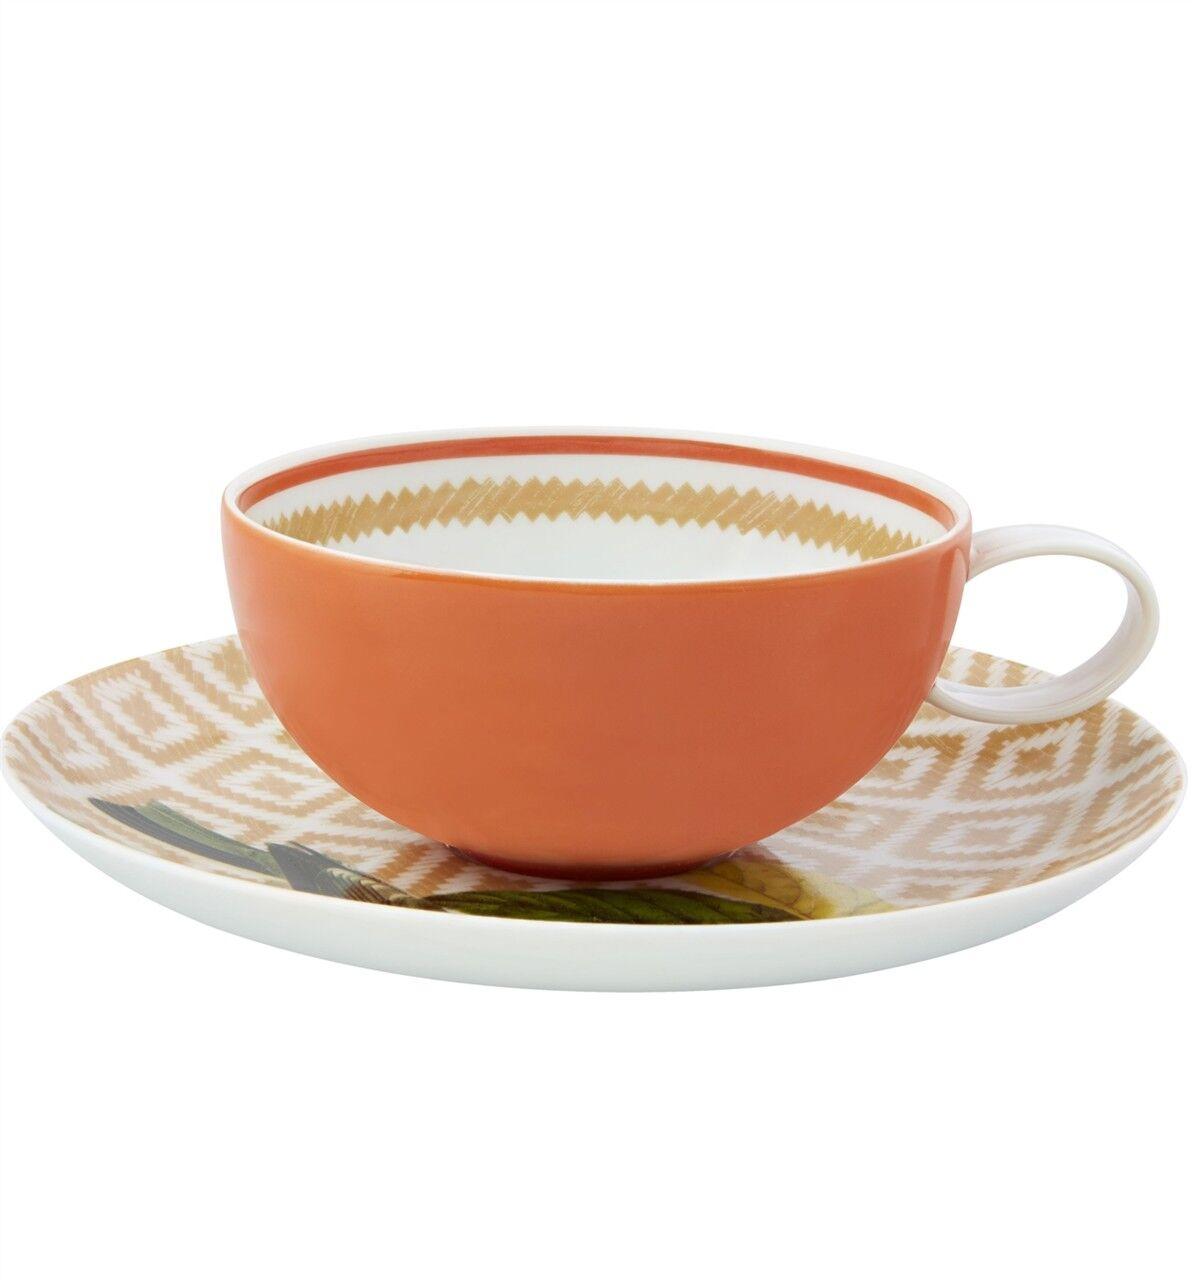 Vista Alegre Olhar O Brasil tasse thé et soucoupe-Lot de 8